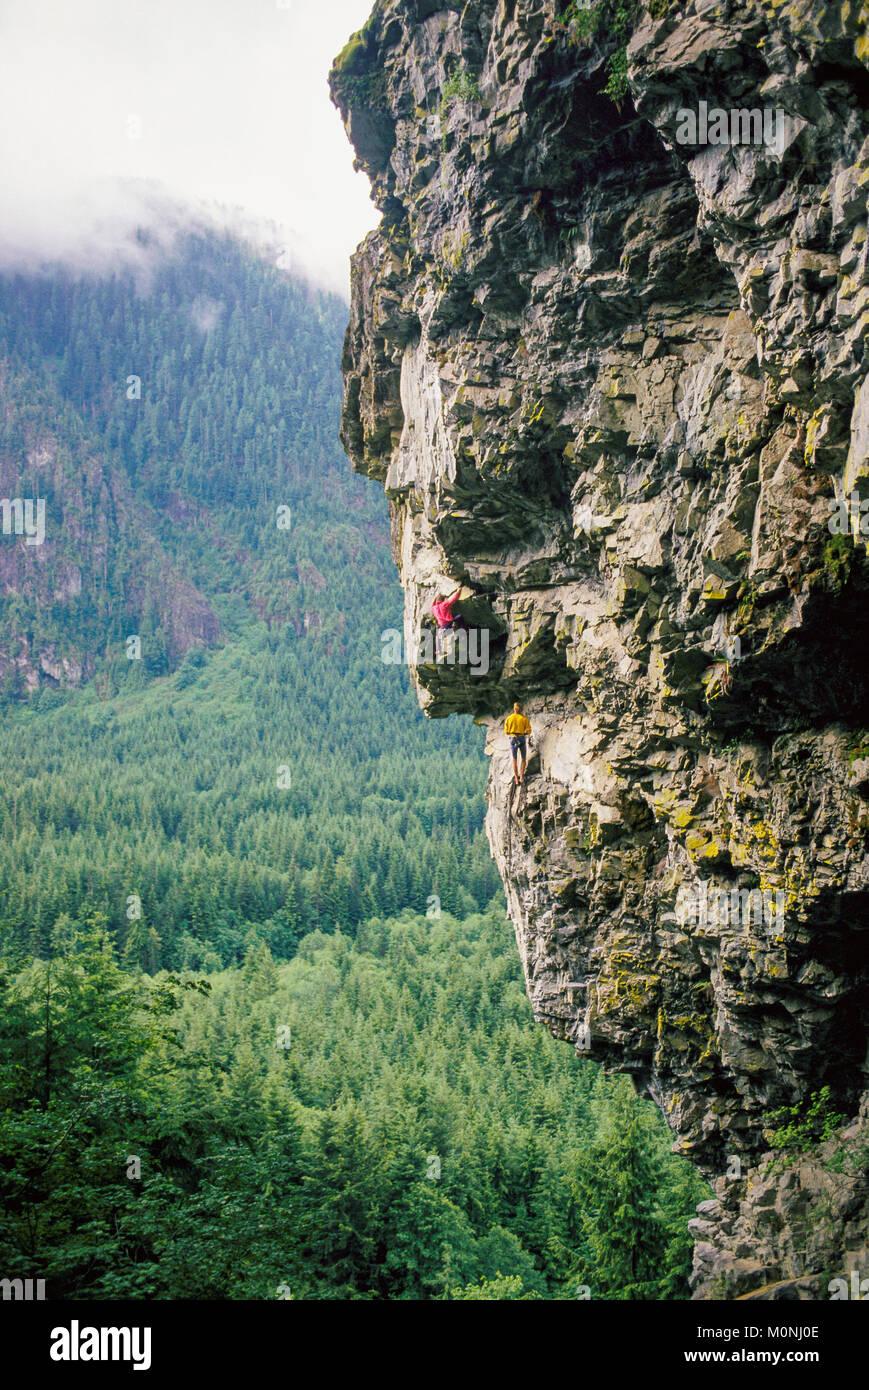 Zwei Männer klettern einem überhängenden Felsen, die North Fork des Snoqualmie, Washington, USA. Stockbild